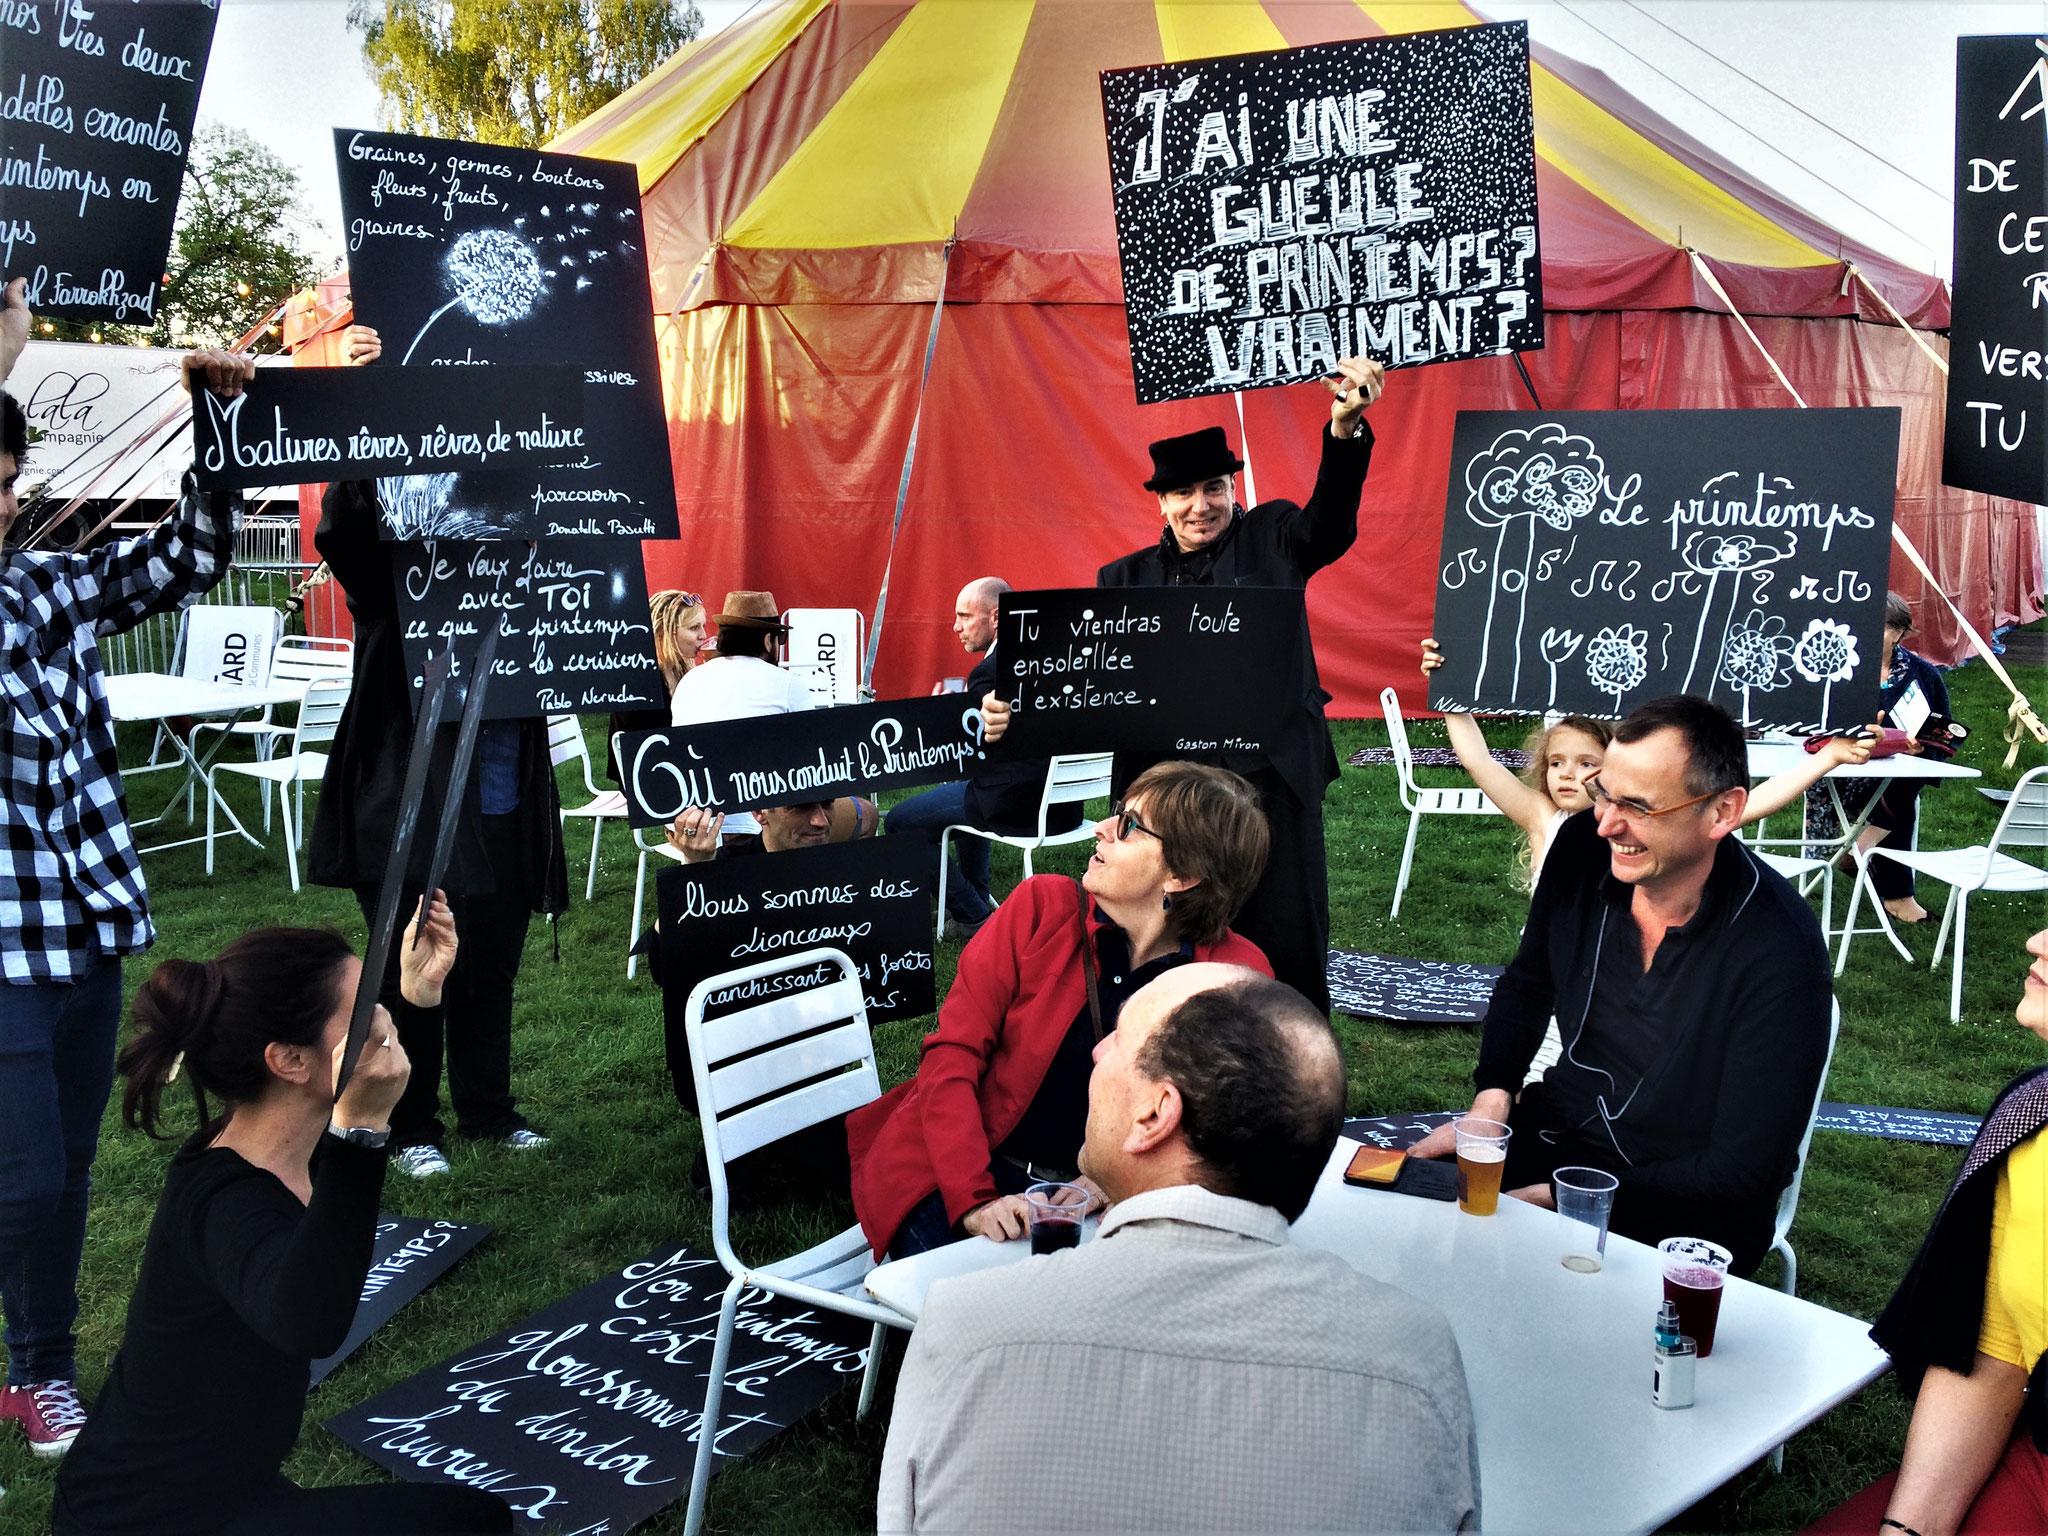 20 avril - Festi'Val Bri'Art à Voinsles